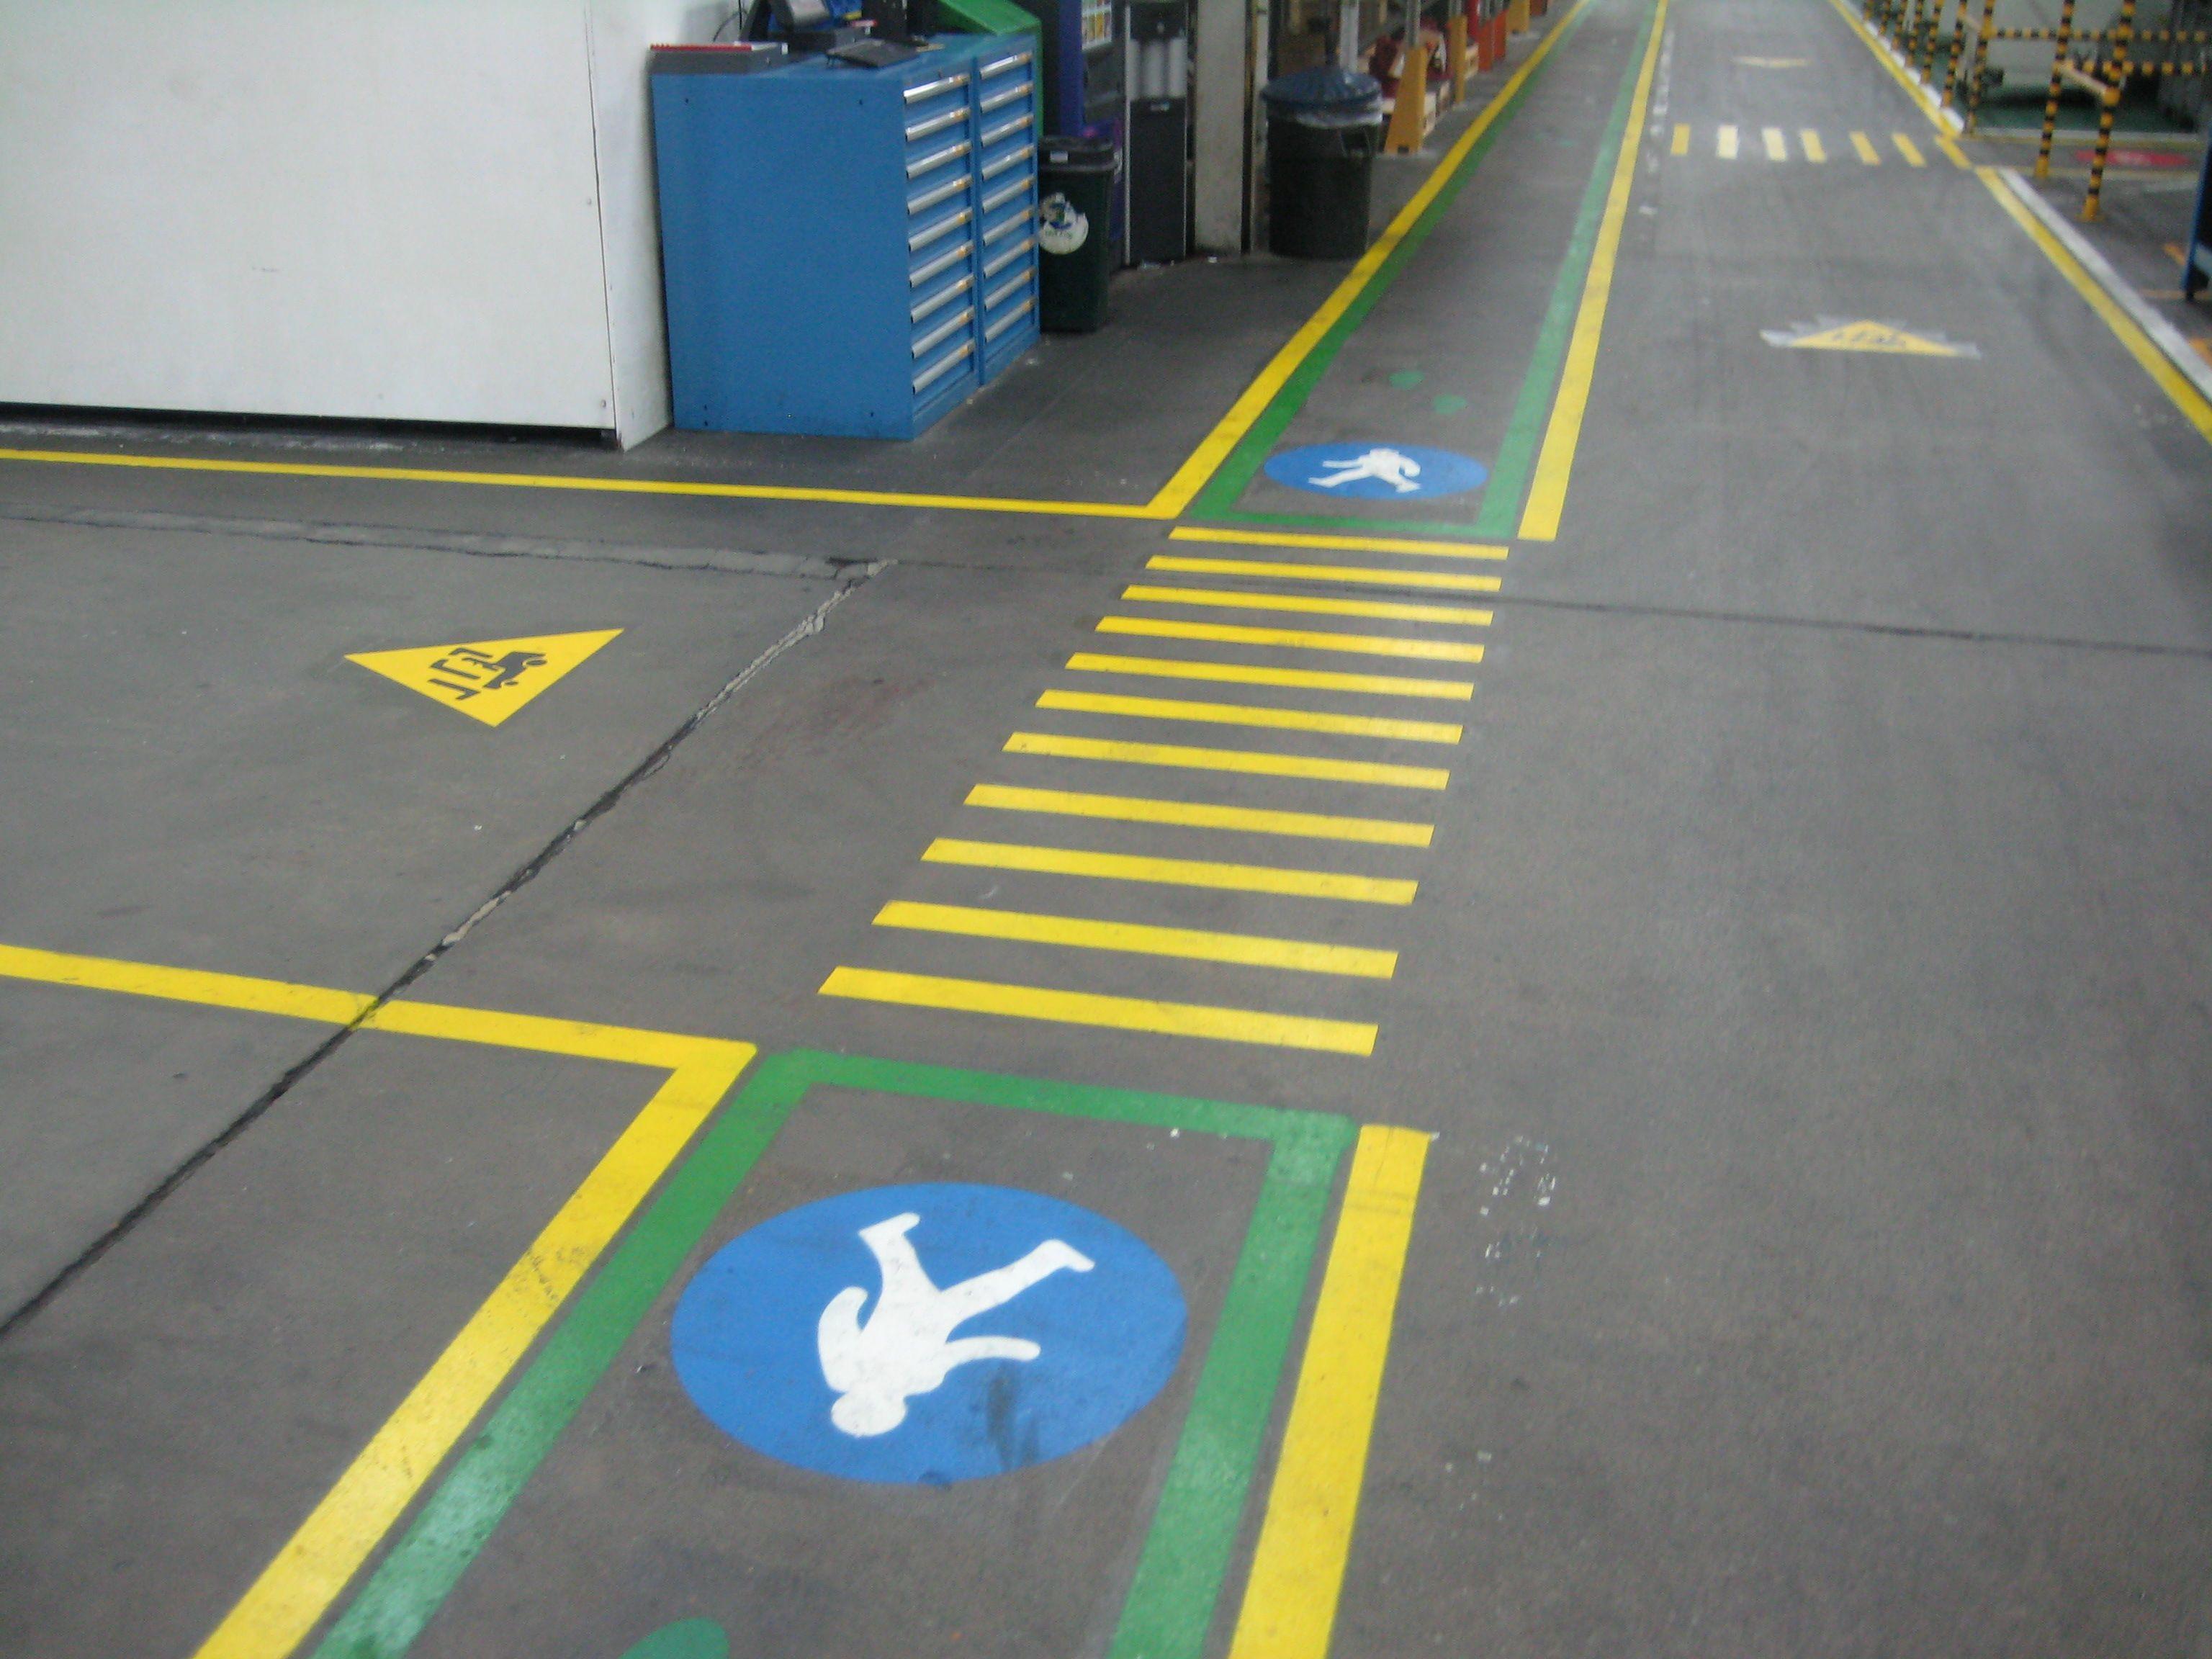 Factory Walkway Specialist markings lms Well Organised